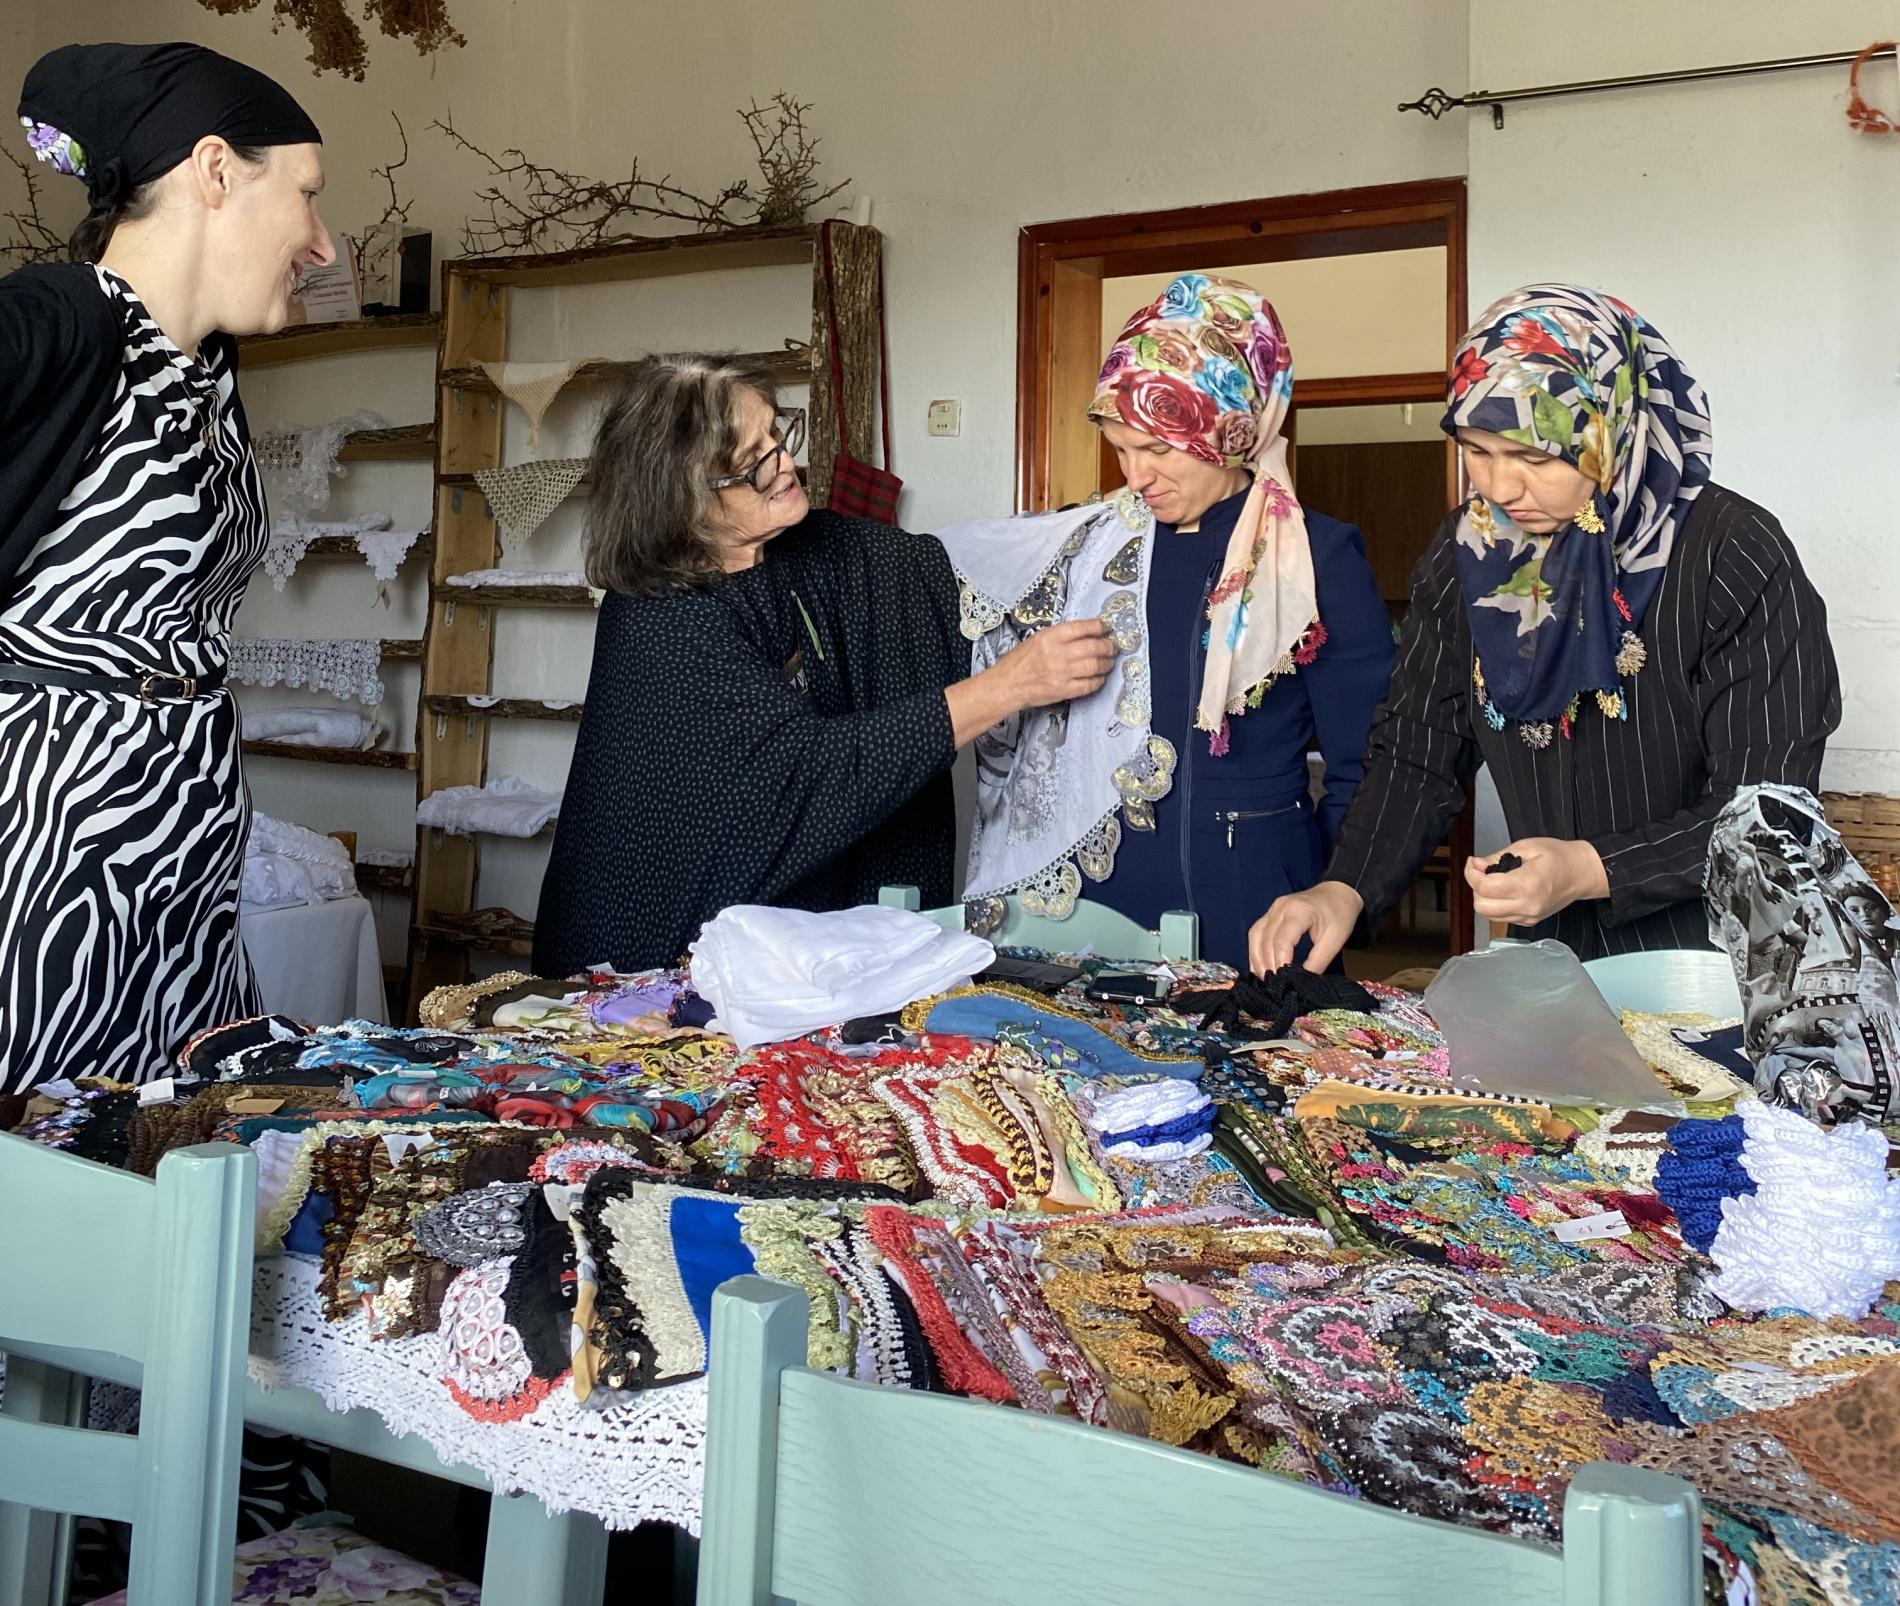 Αγγελική Γιαννακίδου: Το project «Riza» βάζει τη Θράκη στο σύγχρονο χάρτη της αριστοτεχνίας